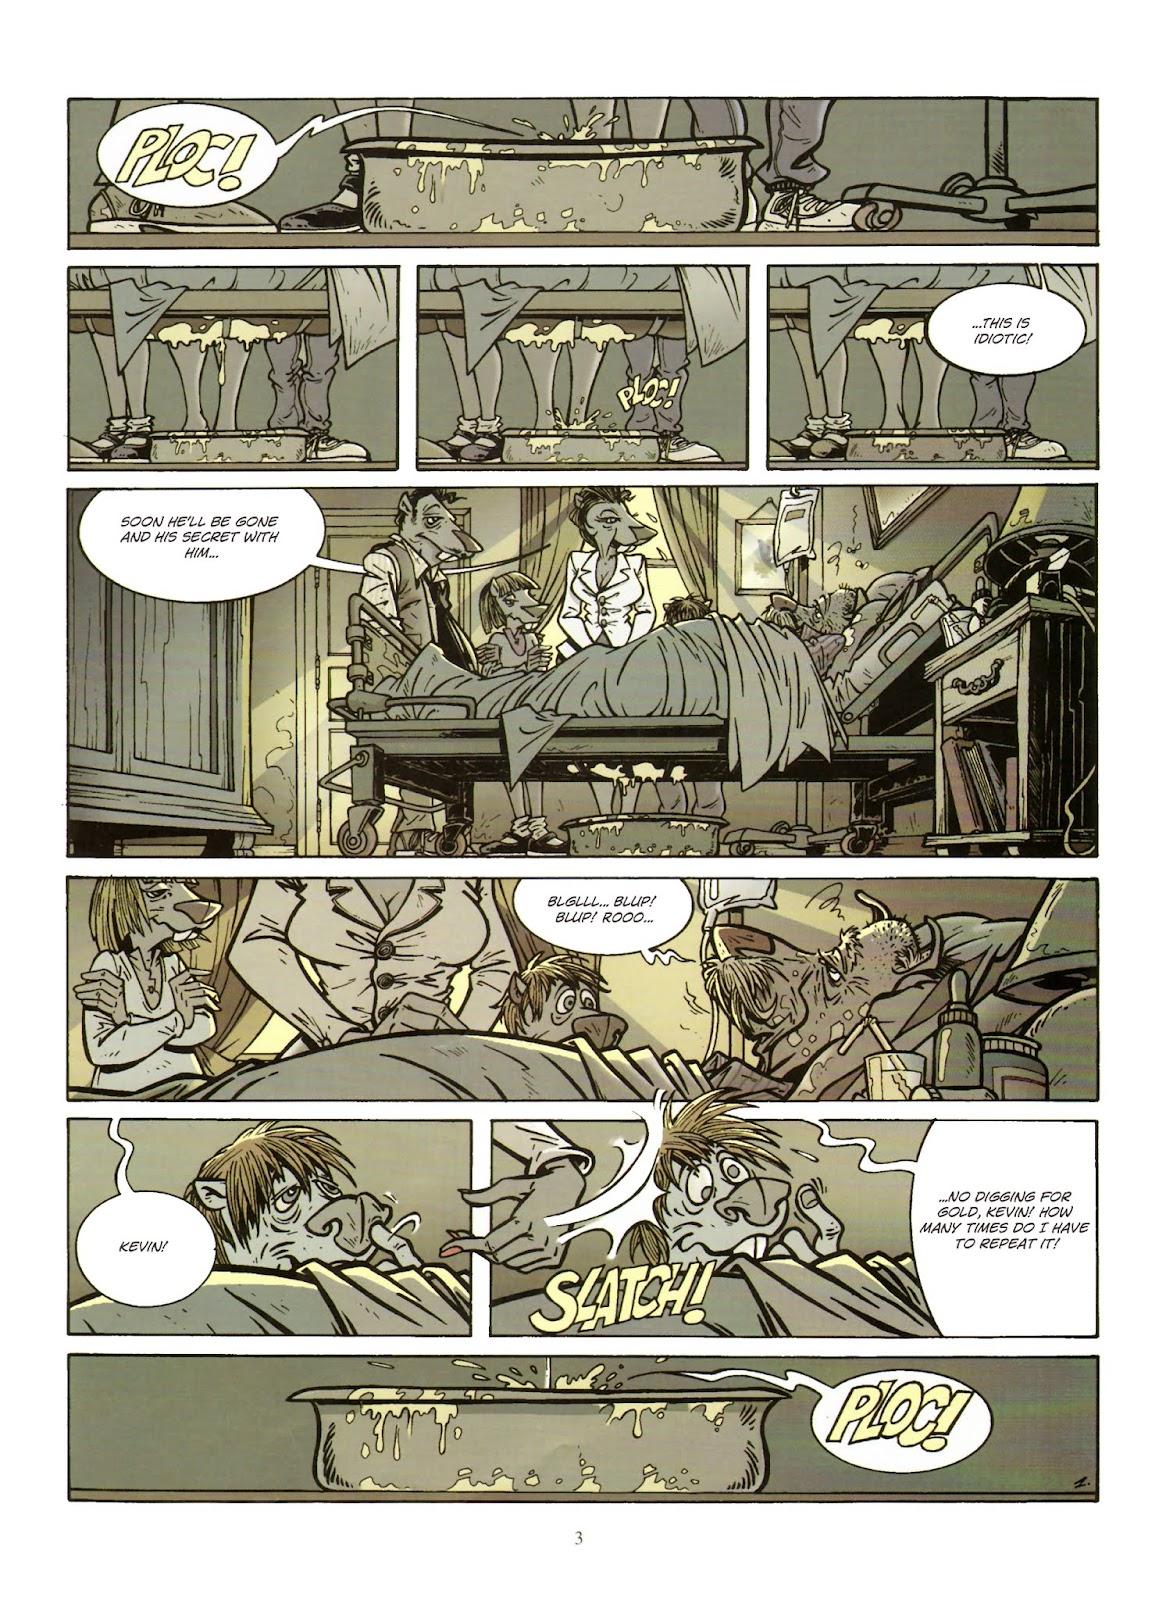 Une enquête de l'inspecteur Canardo issue 11 - Page 4